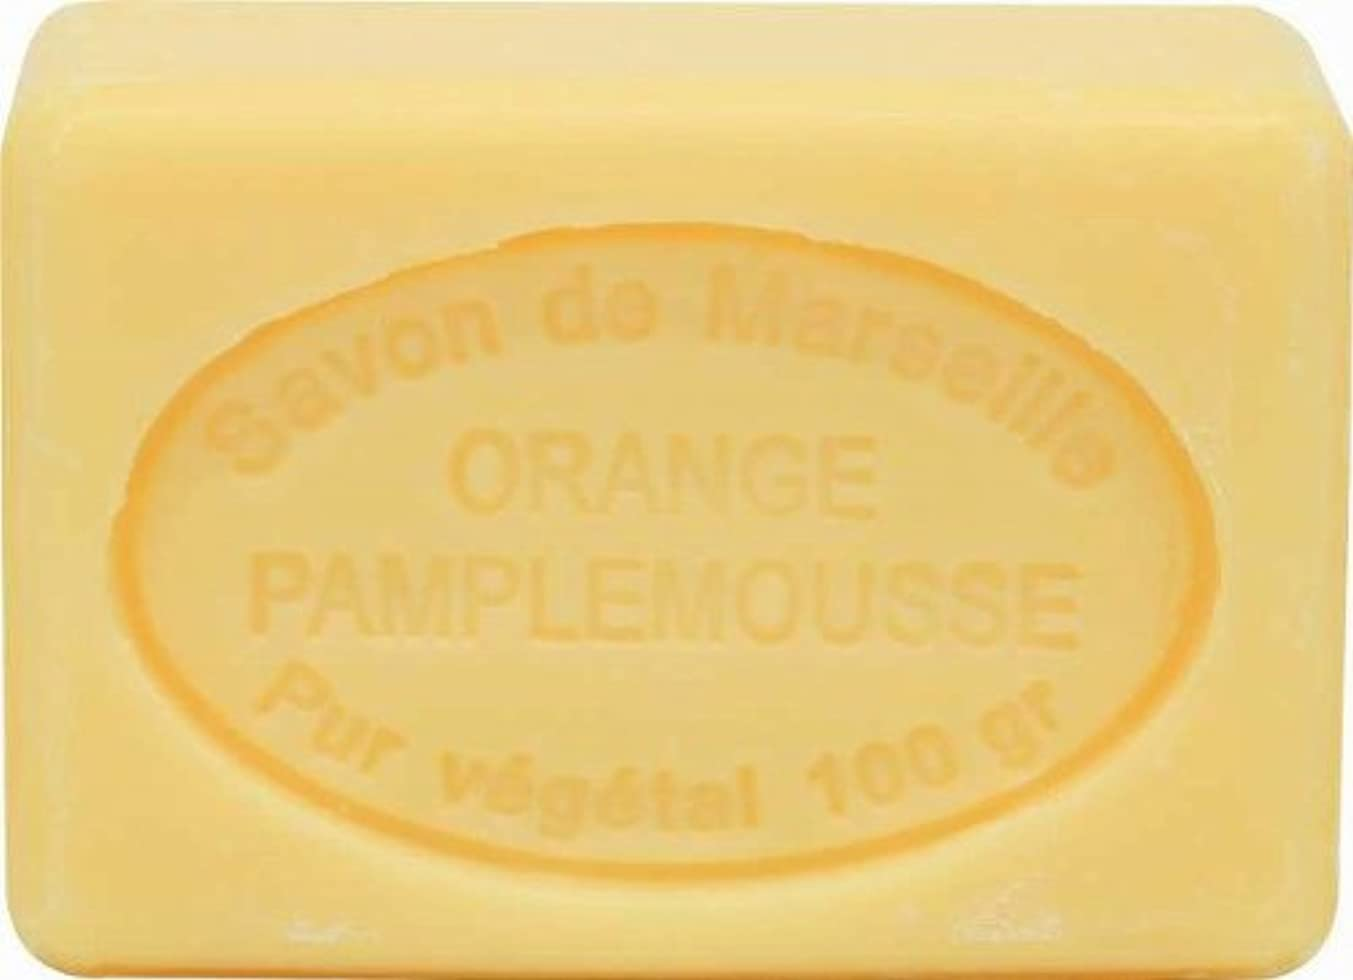 レバークール歌手ル?シャトゥラール ソープ 100g オレンジグレープフルーツ SAVON 100